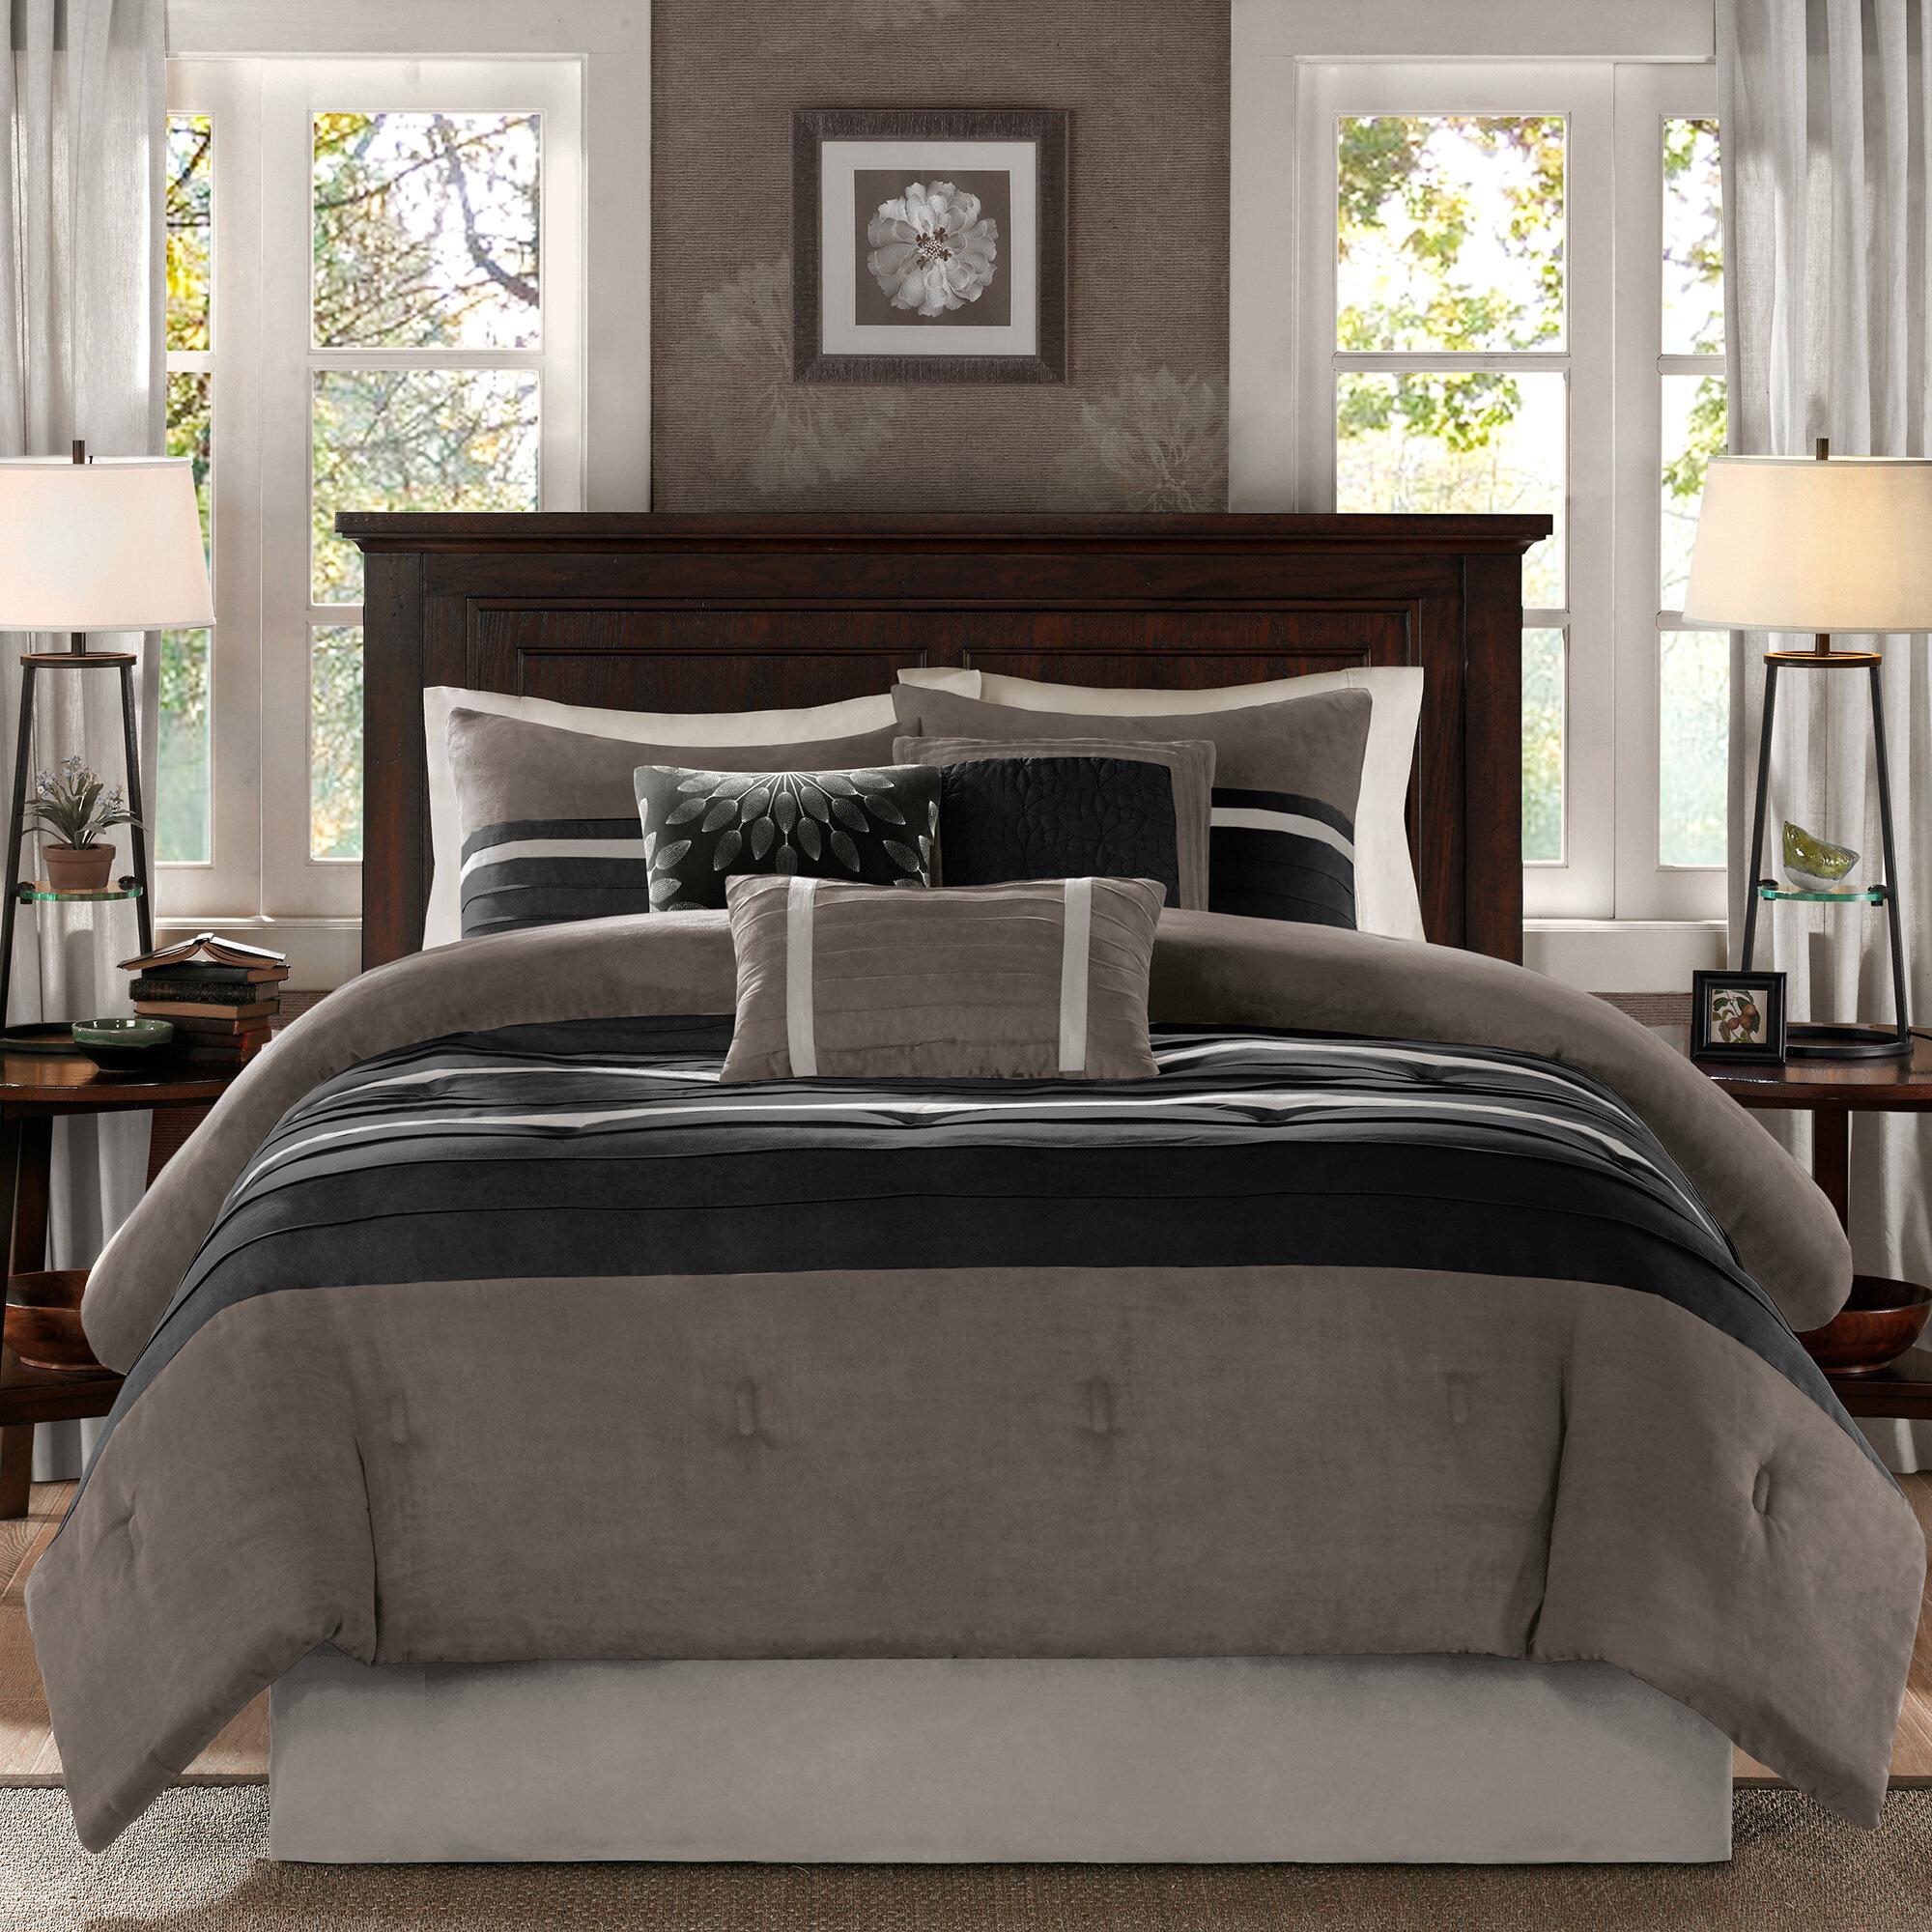 Andover Mills Rosaline Comforter Set Reviews Wayfair